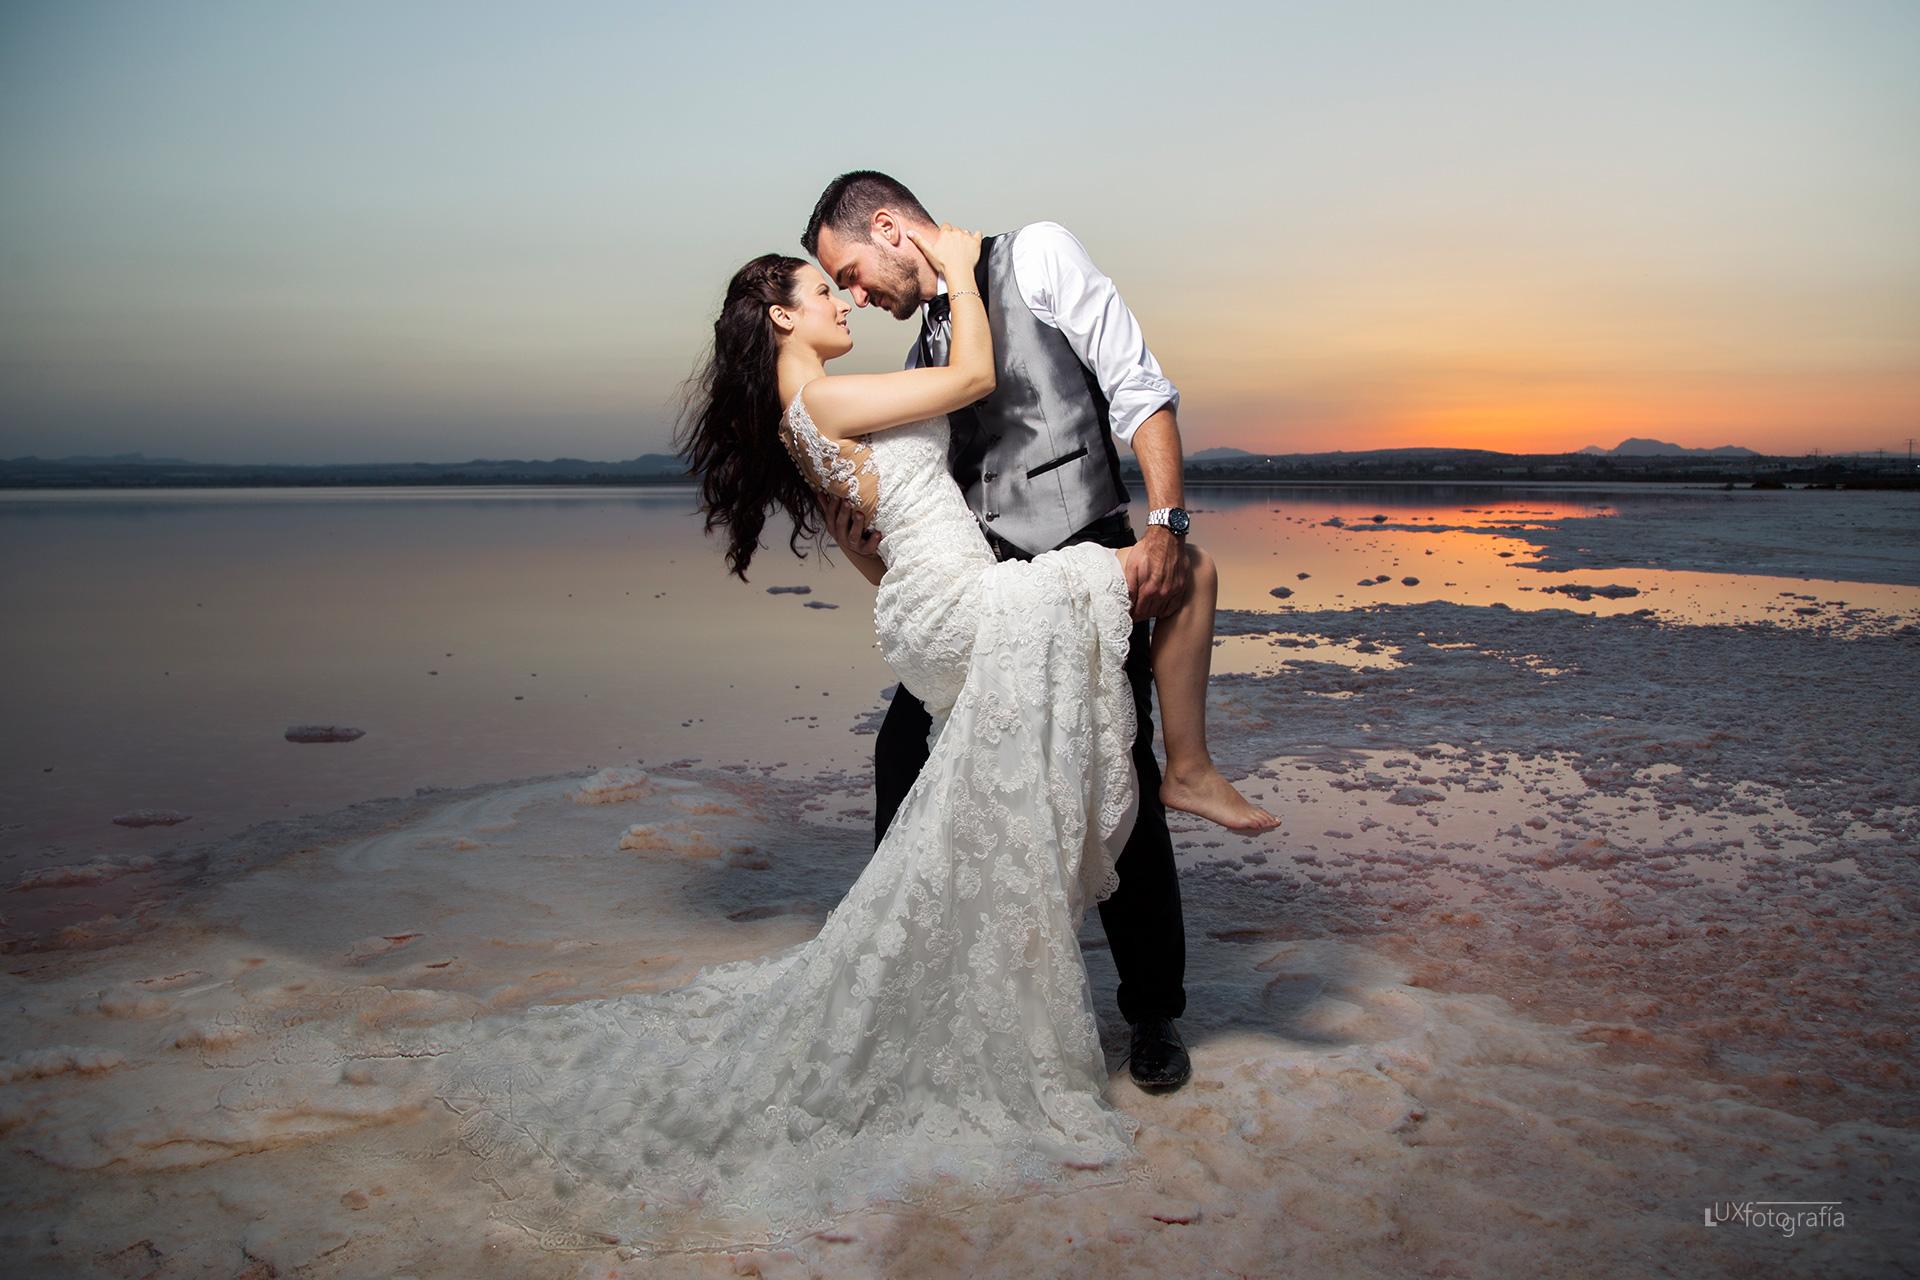 Fotografo-de-bodas-LuxFotografia